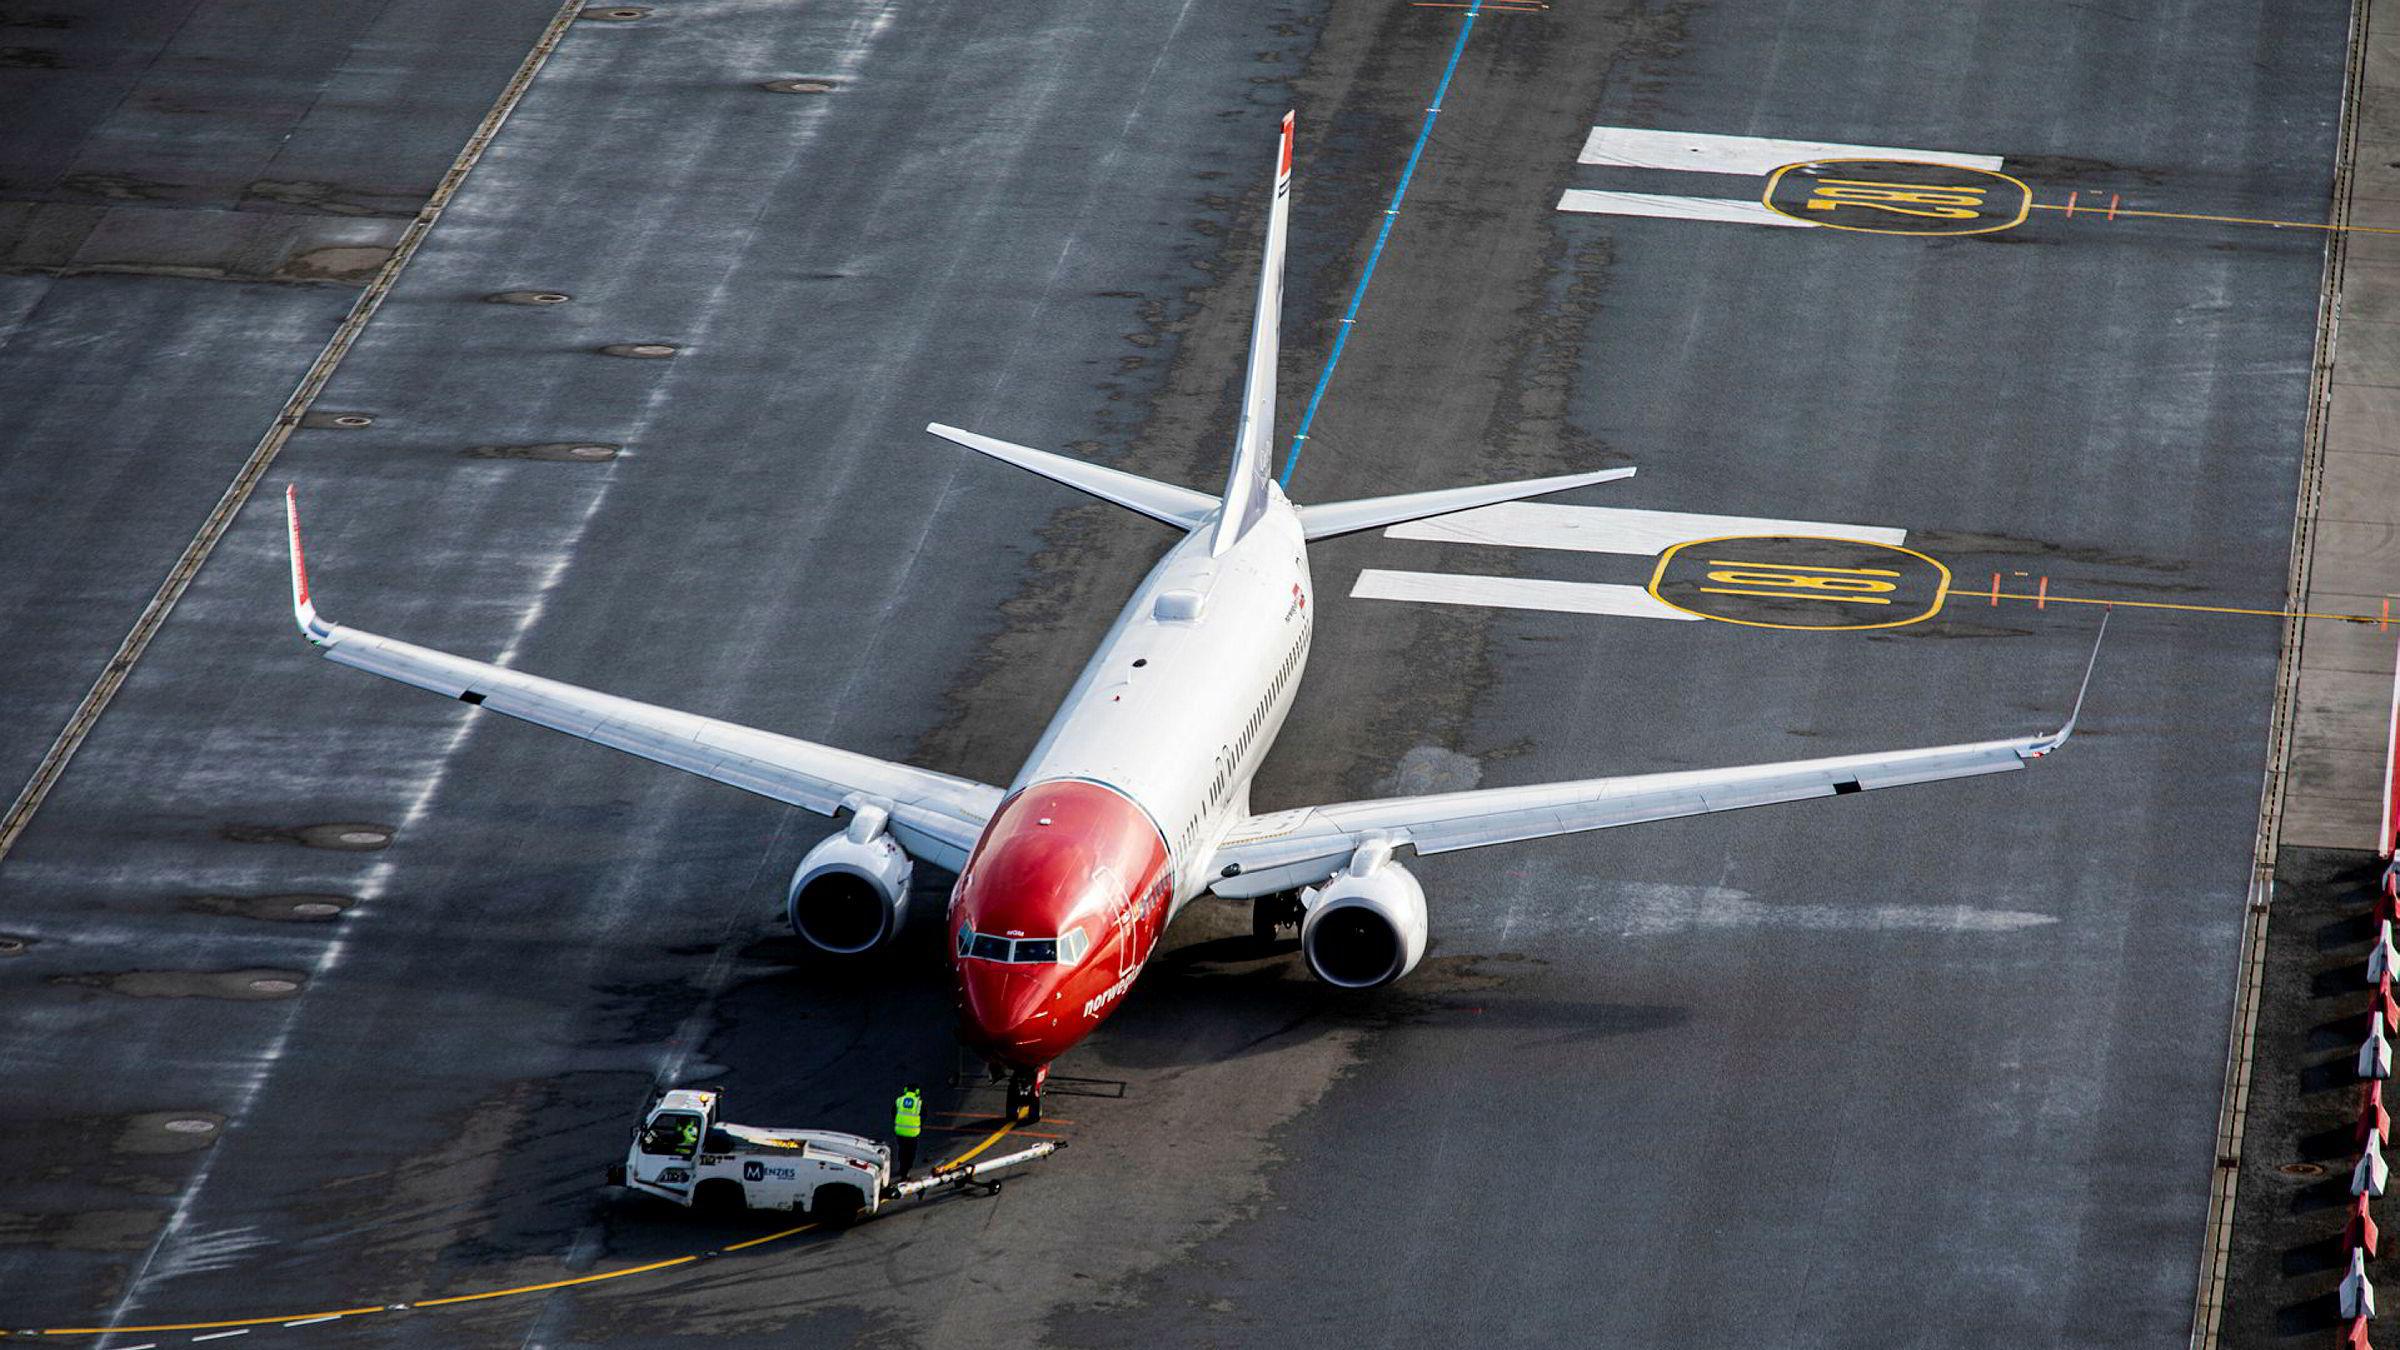 Norwegian har slitt tungt på børs siden koronaviruset brøt ut. Tirsdag ettermiddag kommer nyheten om permitteringer og kansellerte flyvninger, etter at selskapet samme dag meldte om kansellerte flyvninger til Italia.